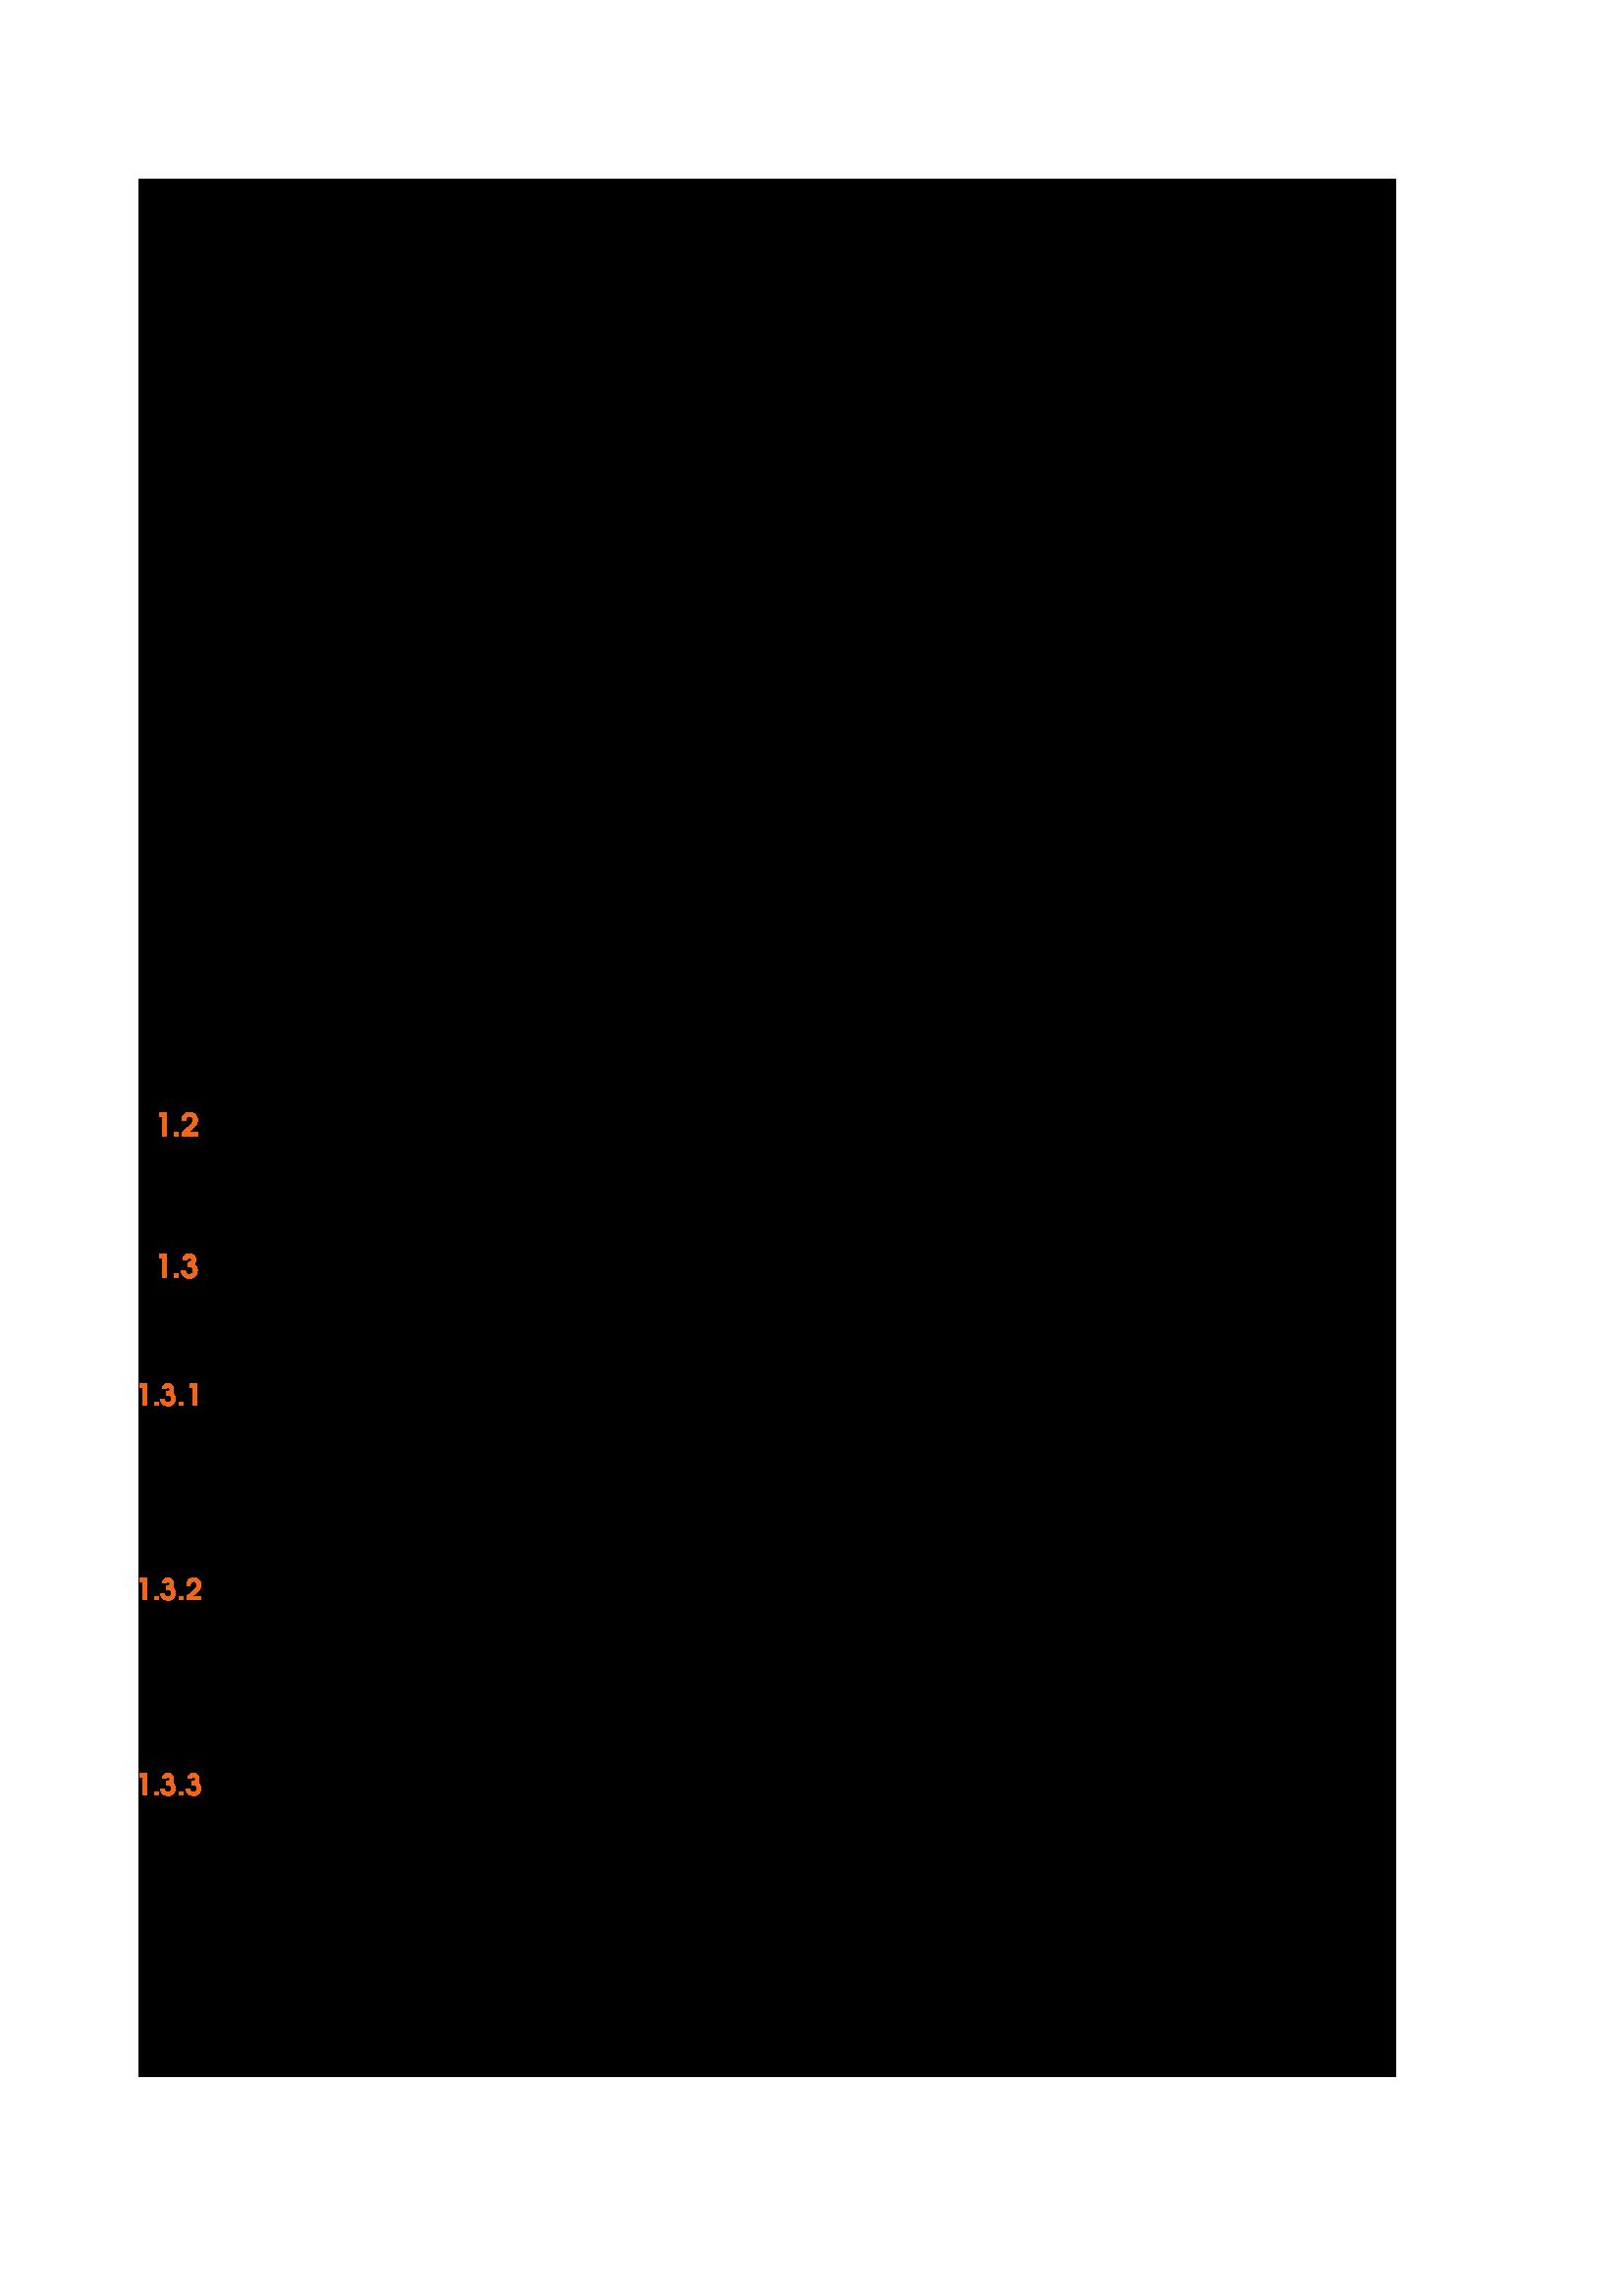 一個桔紅色的書籍 LaTeX 模板